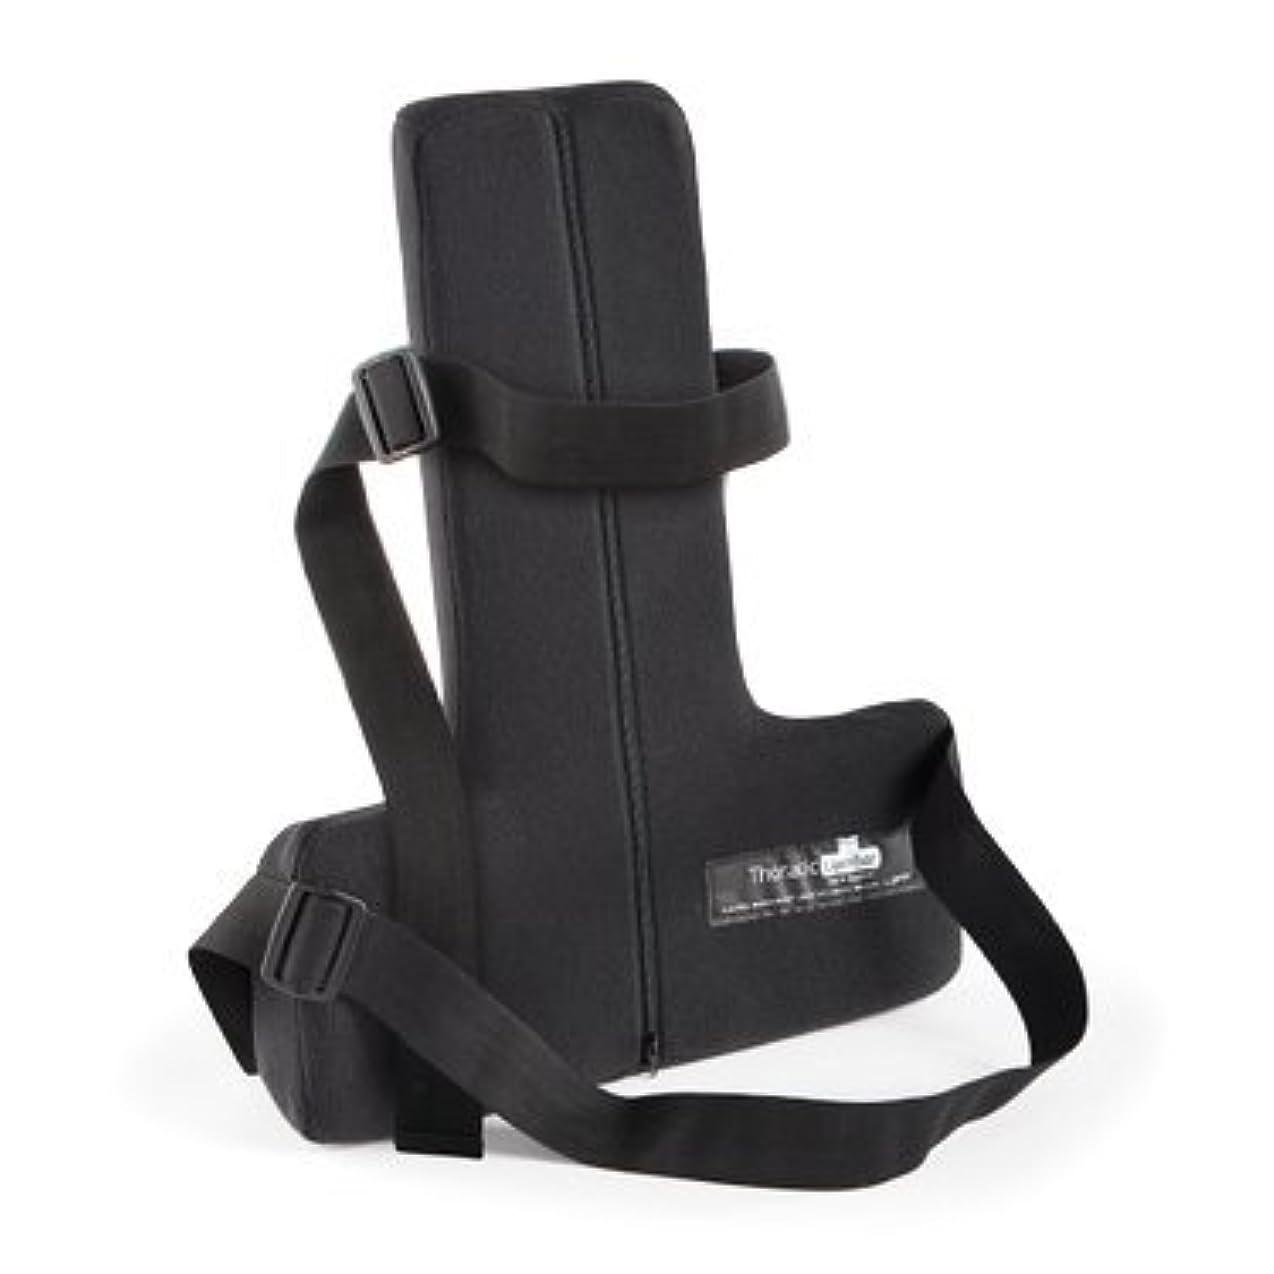 シンポジウムギャラントリーコカインオーピーティー 自宅 車内 オフィス 椅子腰椎サポート 正しい姿勢で背中 肩 首への負担を減らすクッション